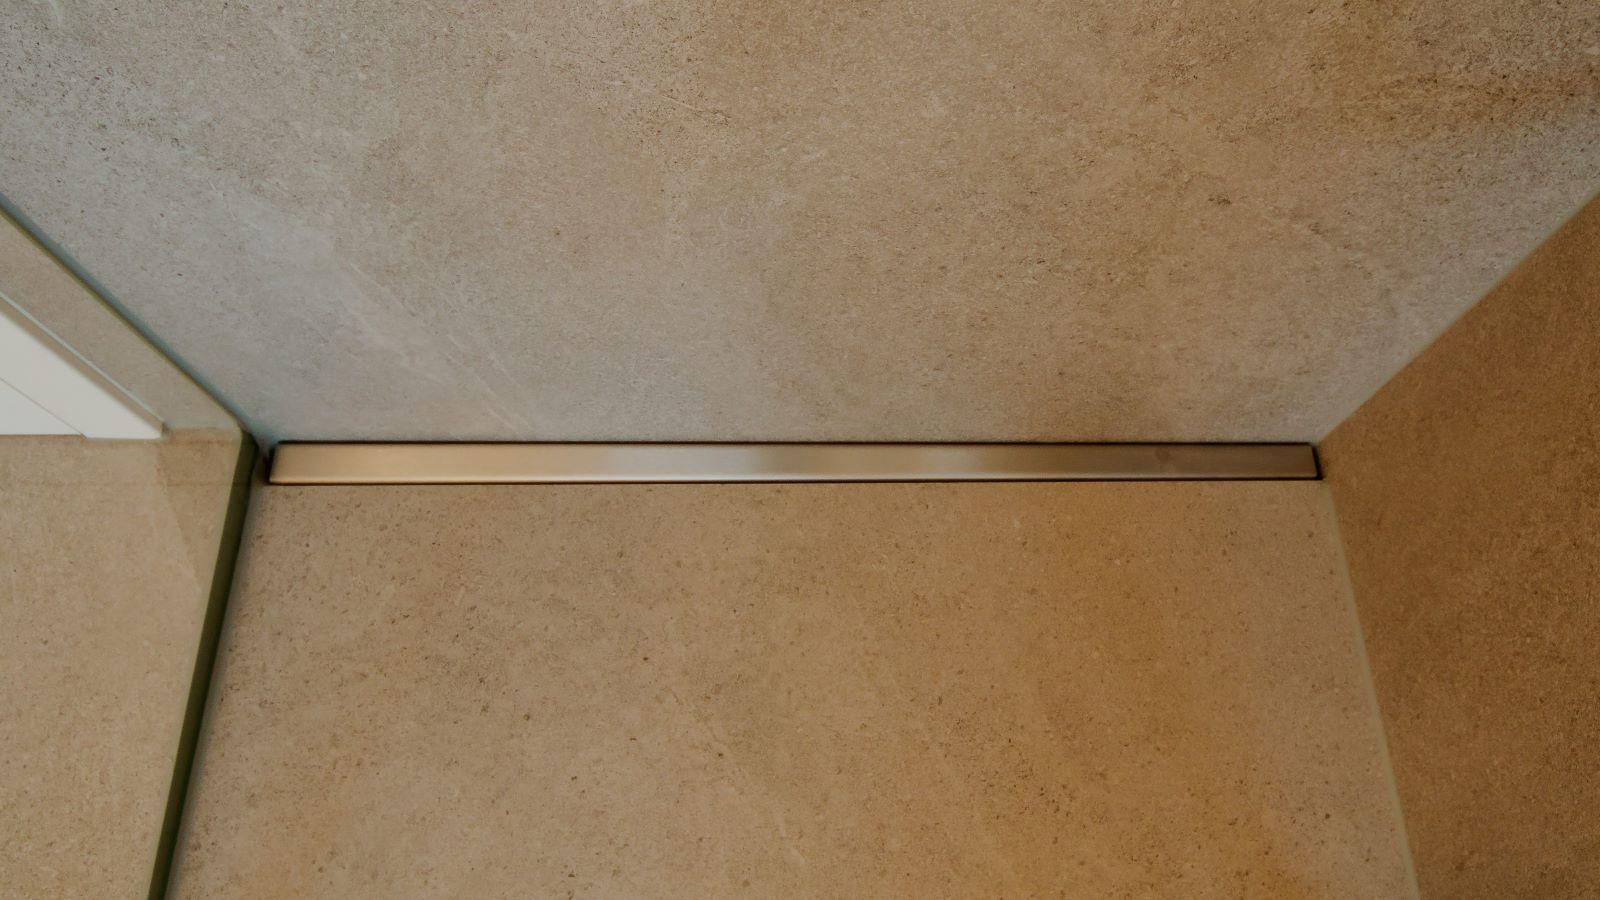 Abgebildet ist eine nahaufnahme der ebenerdigen dusche in moderner optik mit xxl-fliesen. Zur pflegeleichten ausfuehrung dieser barrierefreien dusche traegt die einfach zu reinigende, hochwertige v4a edelstahl-duschrinne pro bei. Form follows function. Dezent wandbuendig an der duschrueckwand eingebaut, schliesst sie passgenau an der glasduschwand links und der duschwand rechts ab. Cm-genaue massfertigung und individuelle sonderanfertigungen der duschrinne pro machen sie zur idealen duschrinne für duschen mit xxl-fliesen.